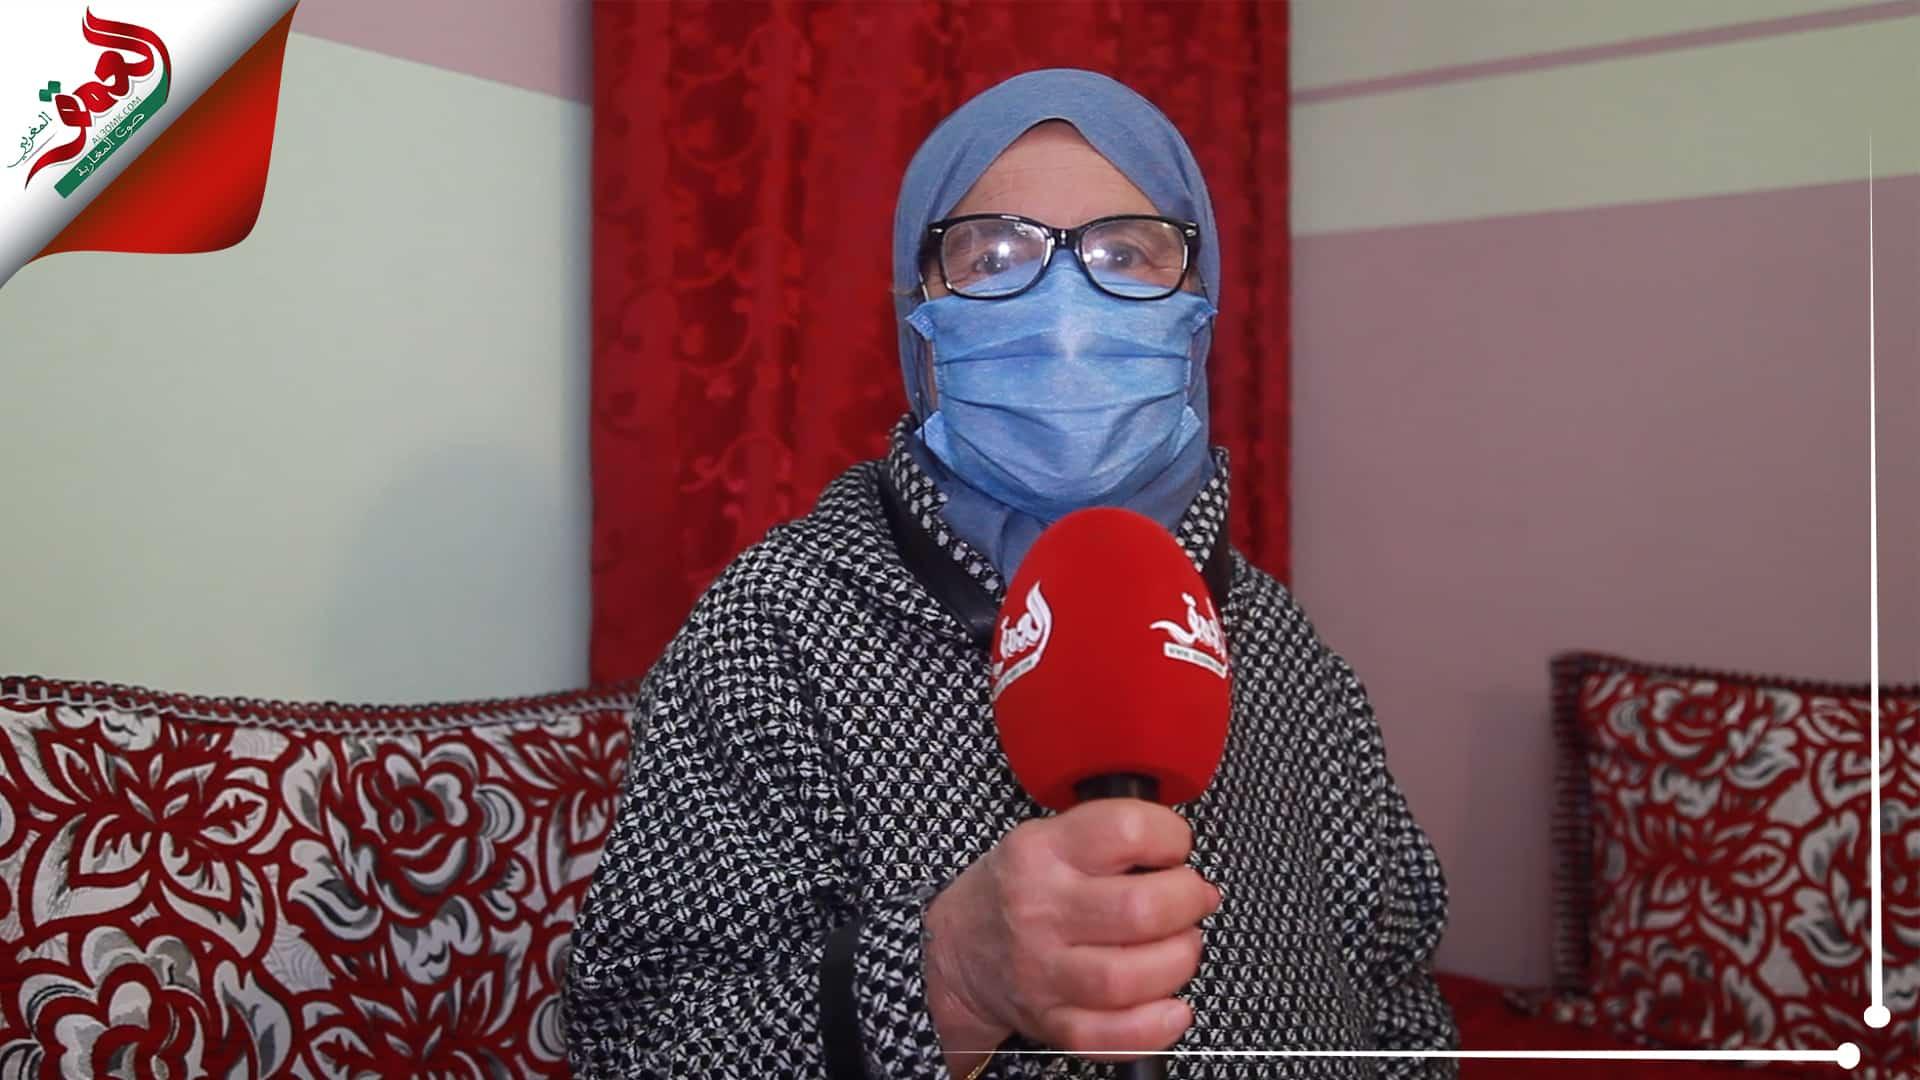 ارملة جندي مغربي: فقدت زوجي ووالدي دفاعا عن الوطن وأناشد المسؤولين لمساعدتي